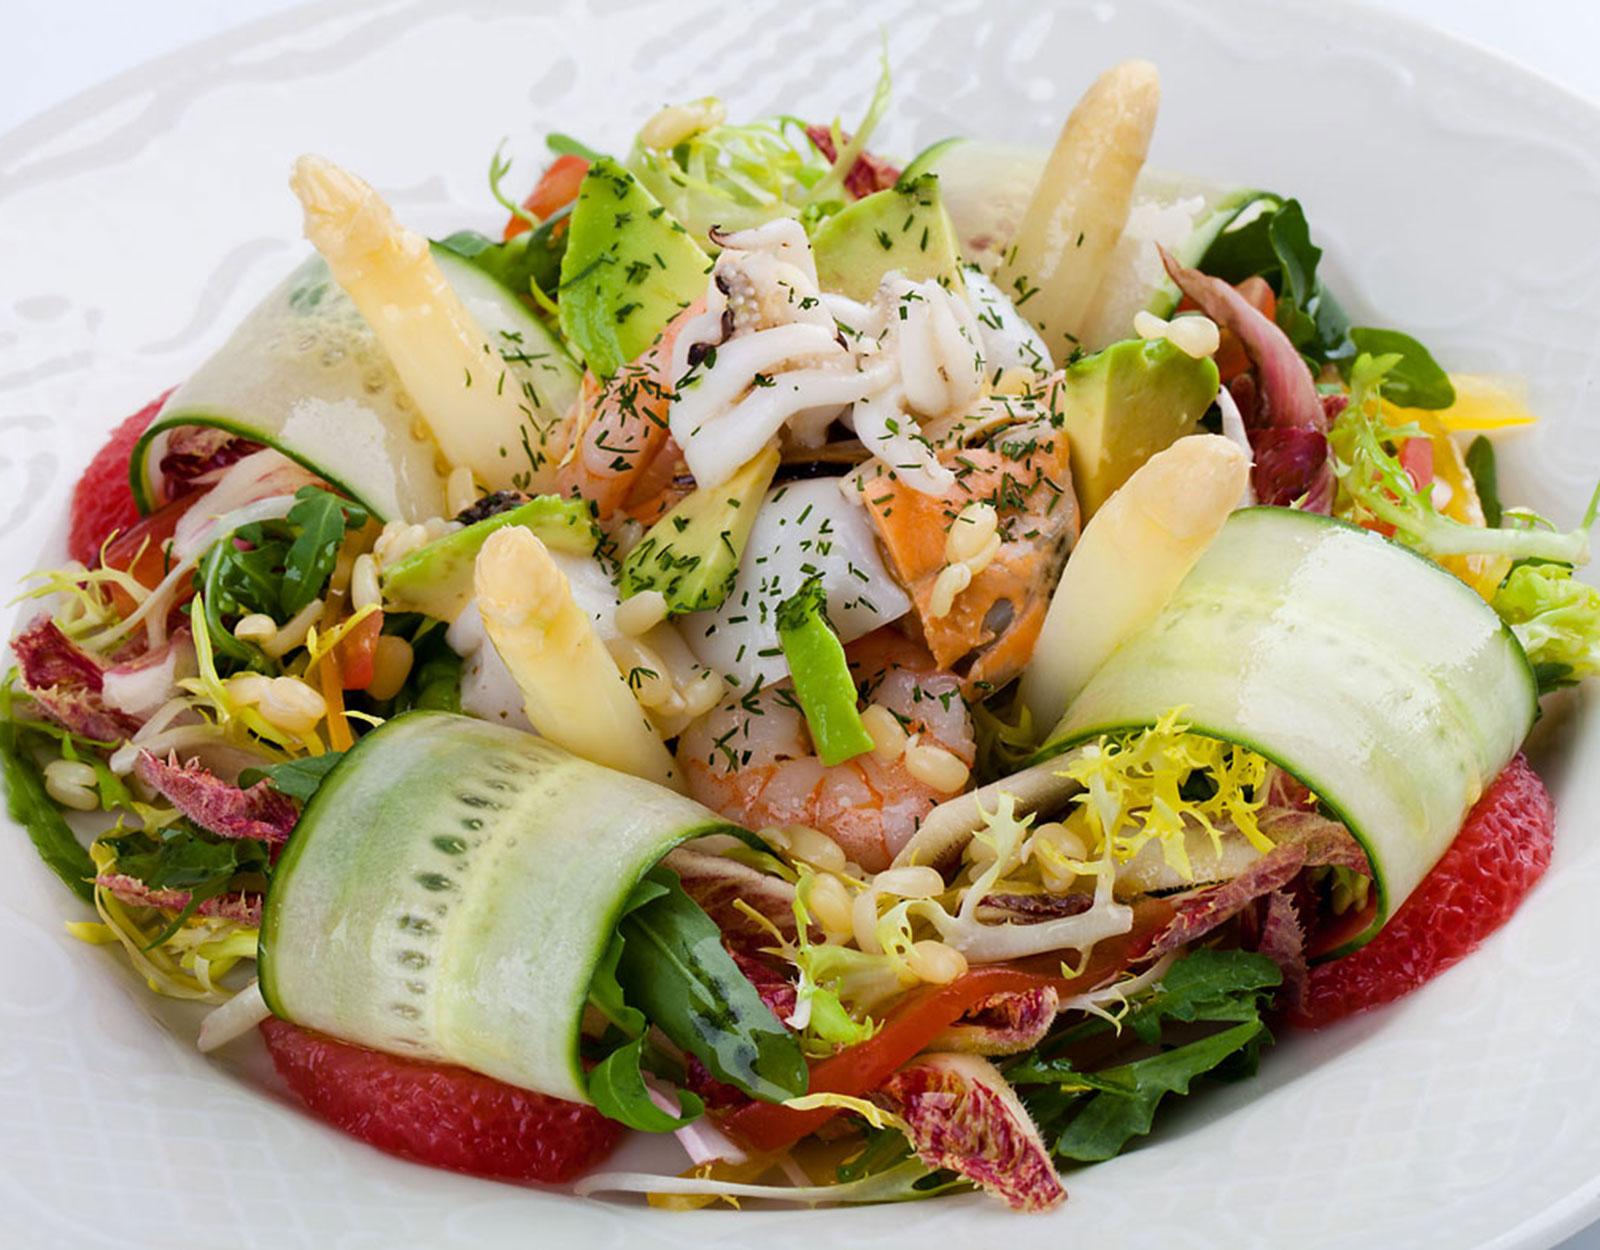 Морскiя жители, пополненныя разными овощами, горкою на зеленой пасте